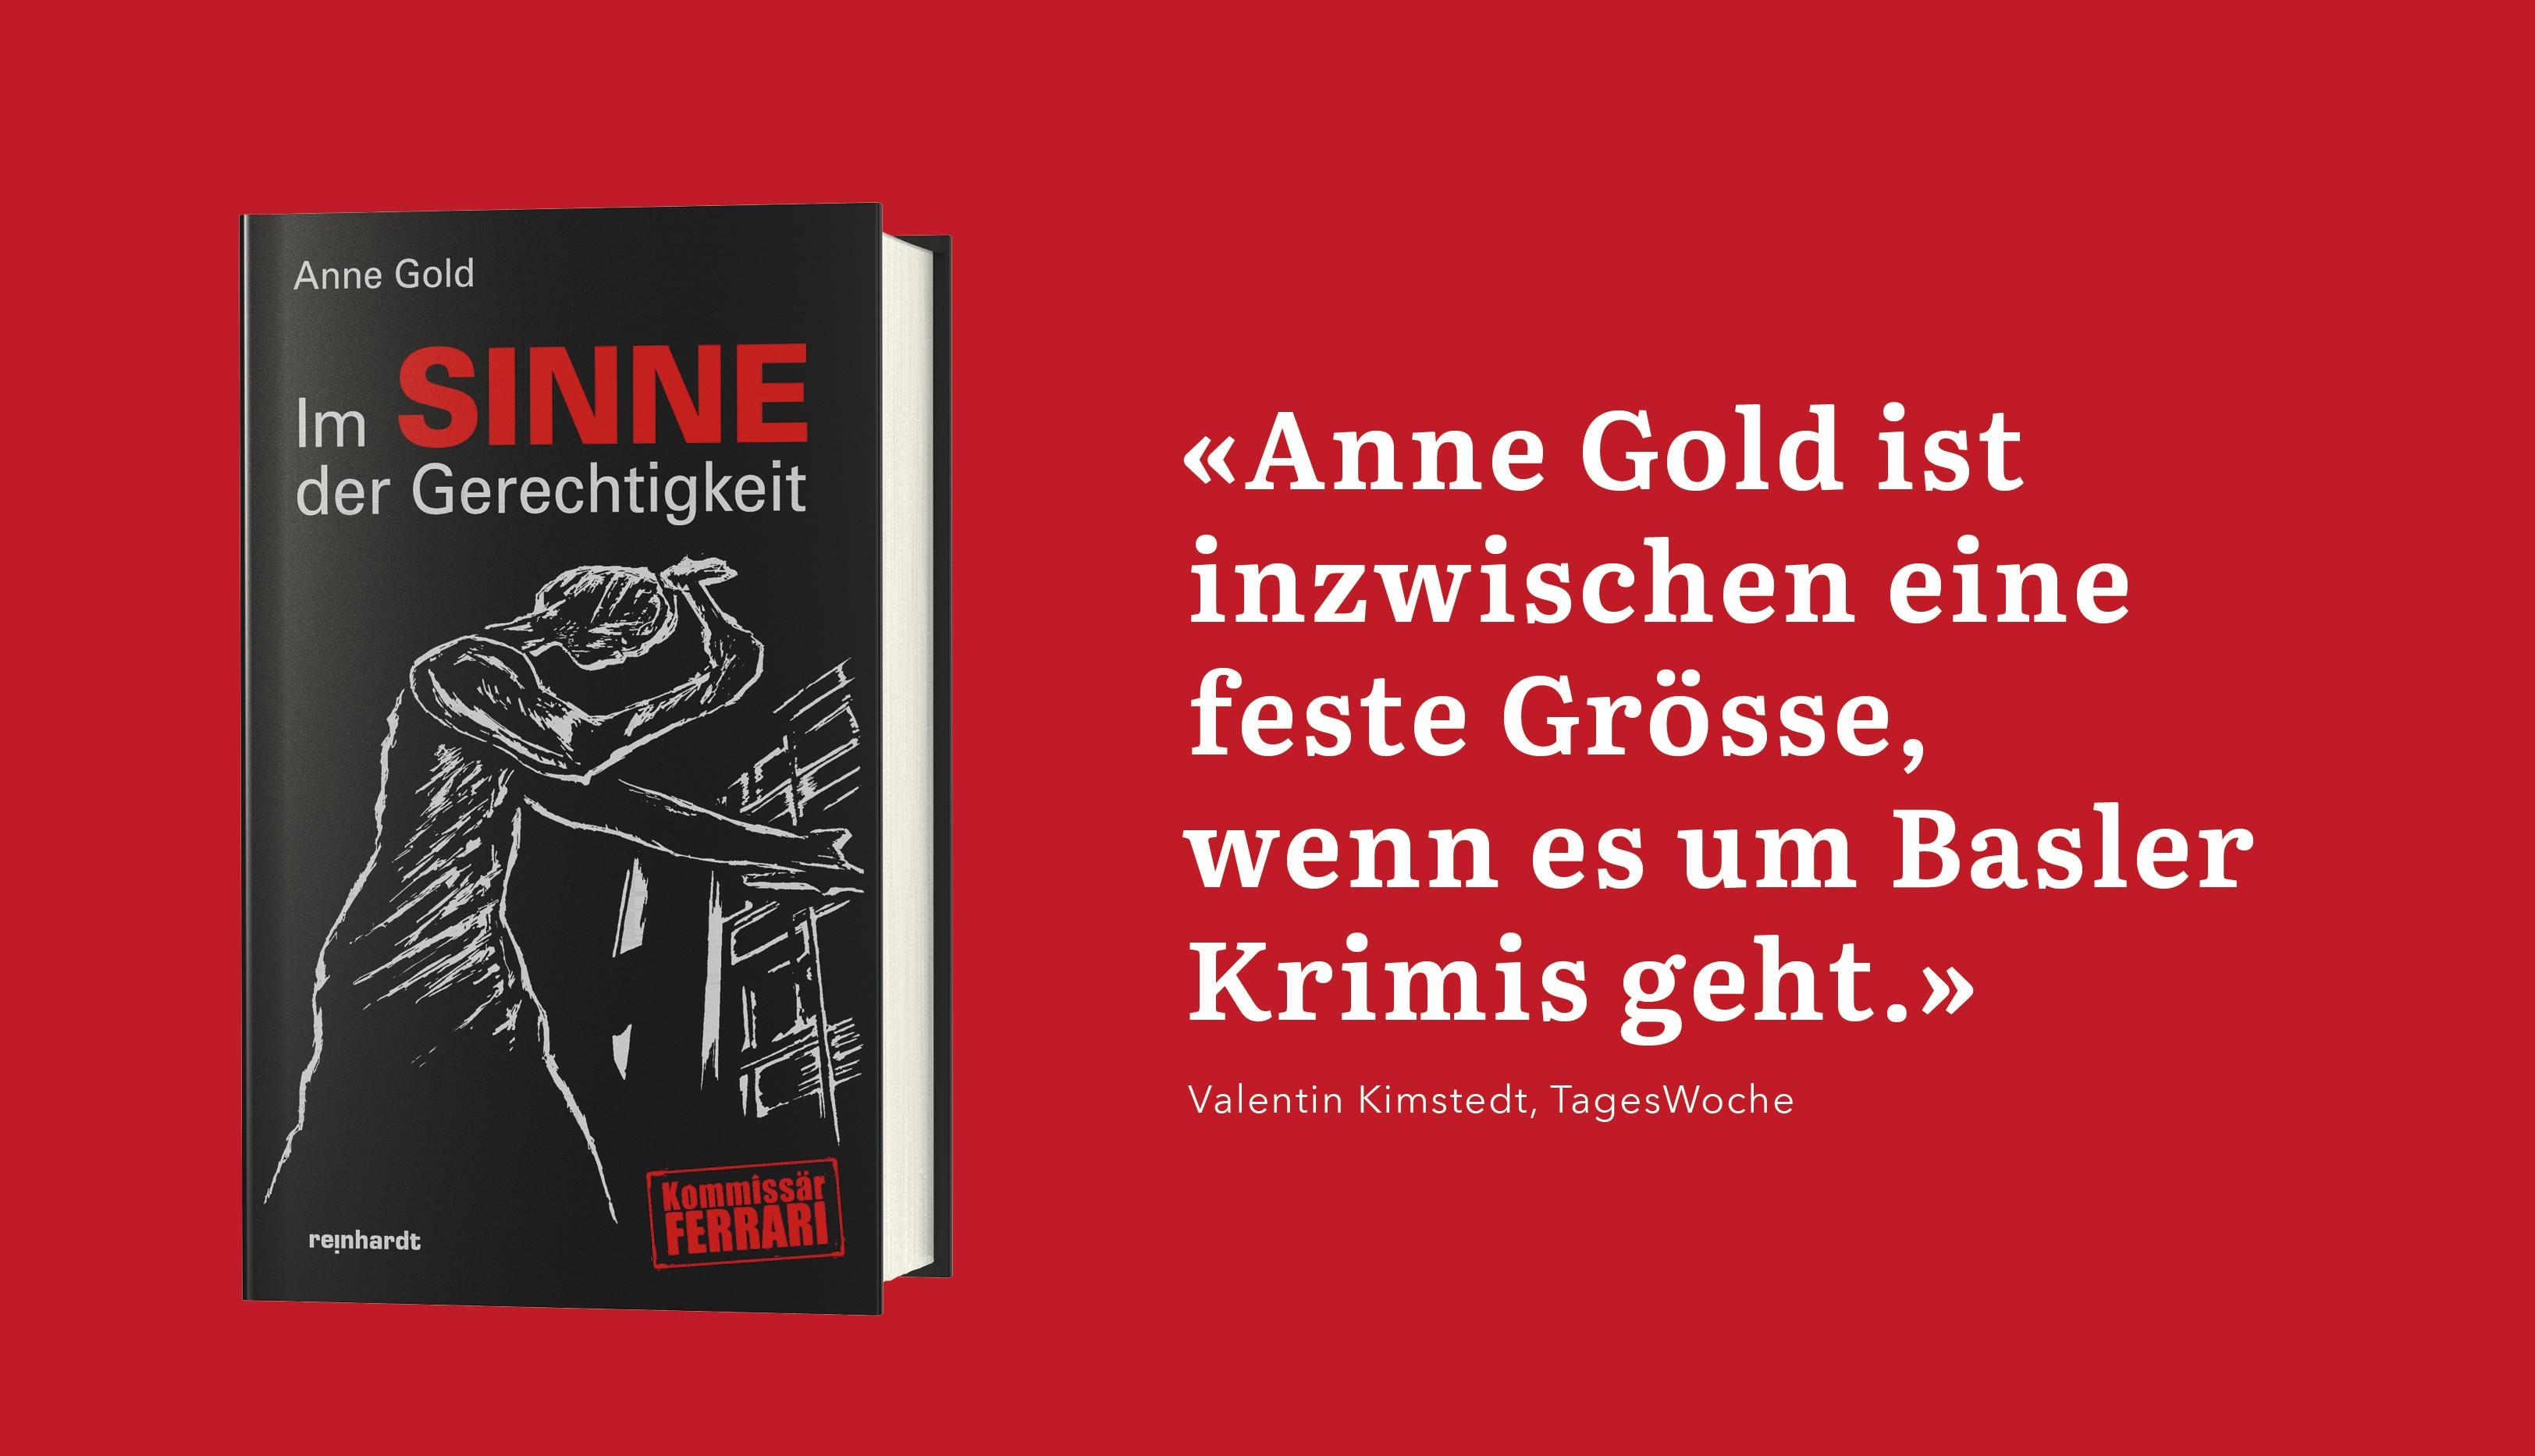 Anne Gold